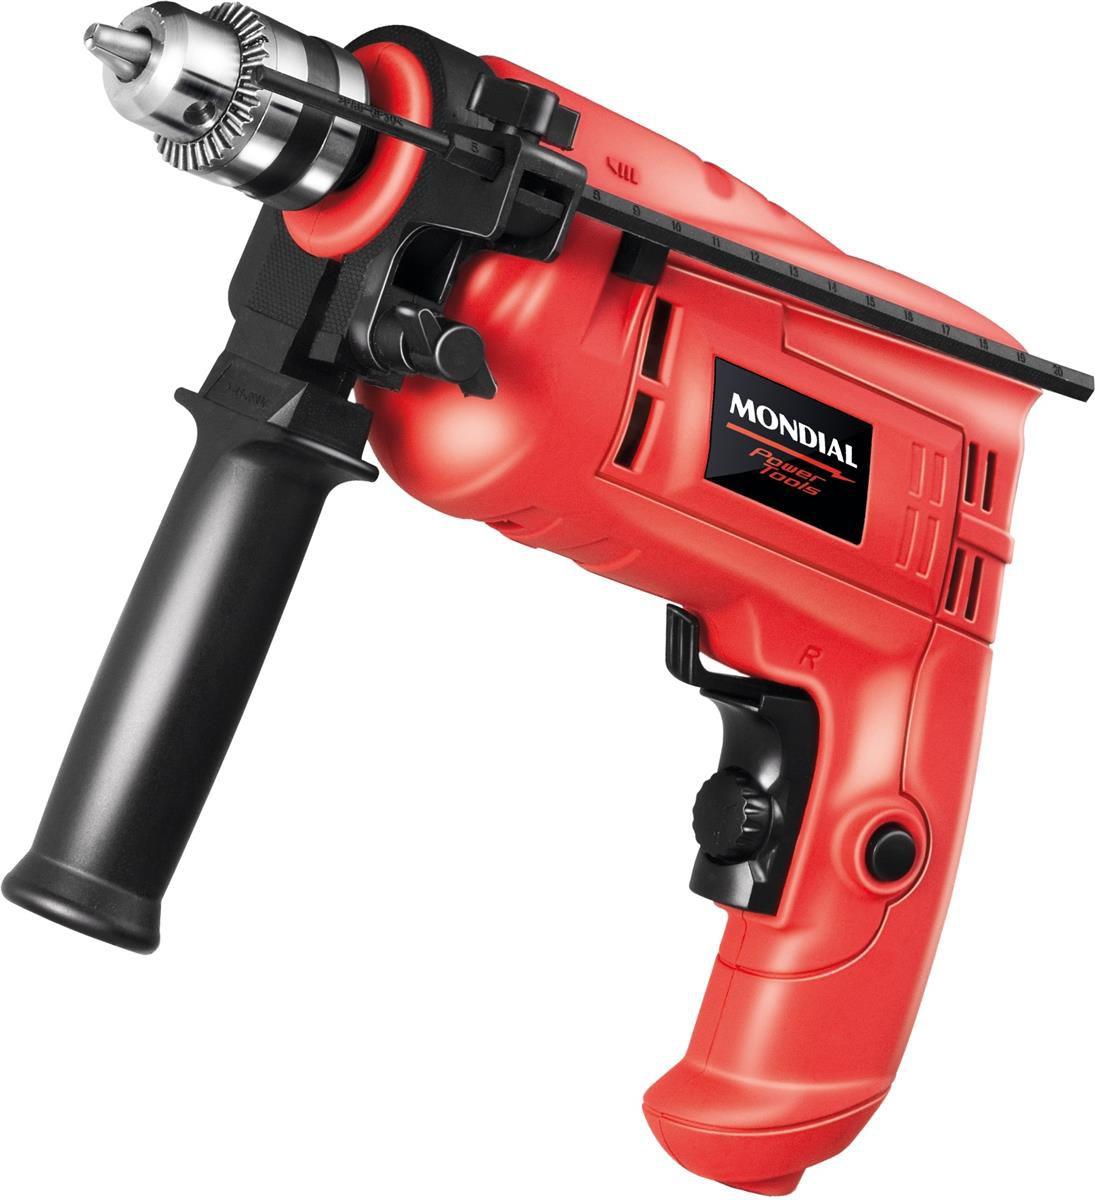 """Furadeira de Impacto 3/8""""(10mm) 600W Power Tools - Mondial  - Pensou Filtros"""